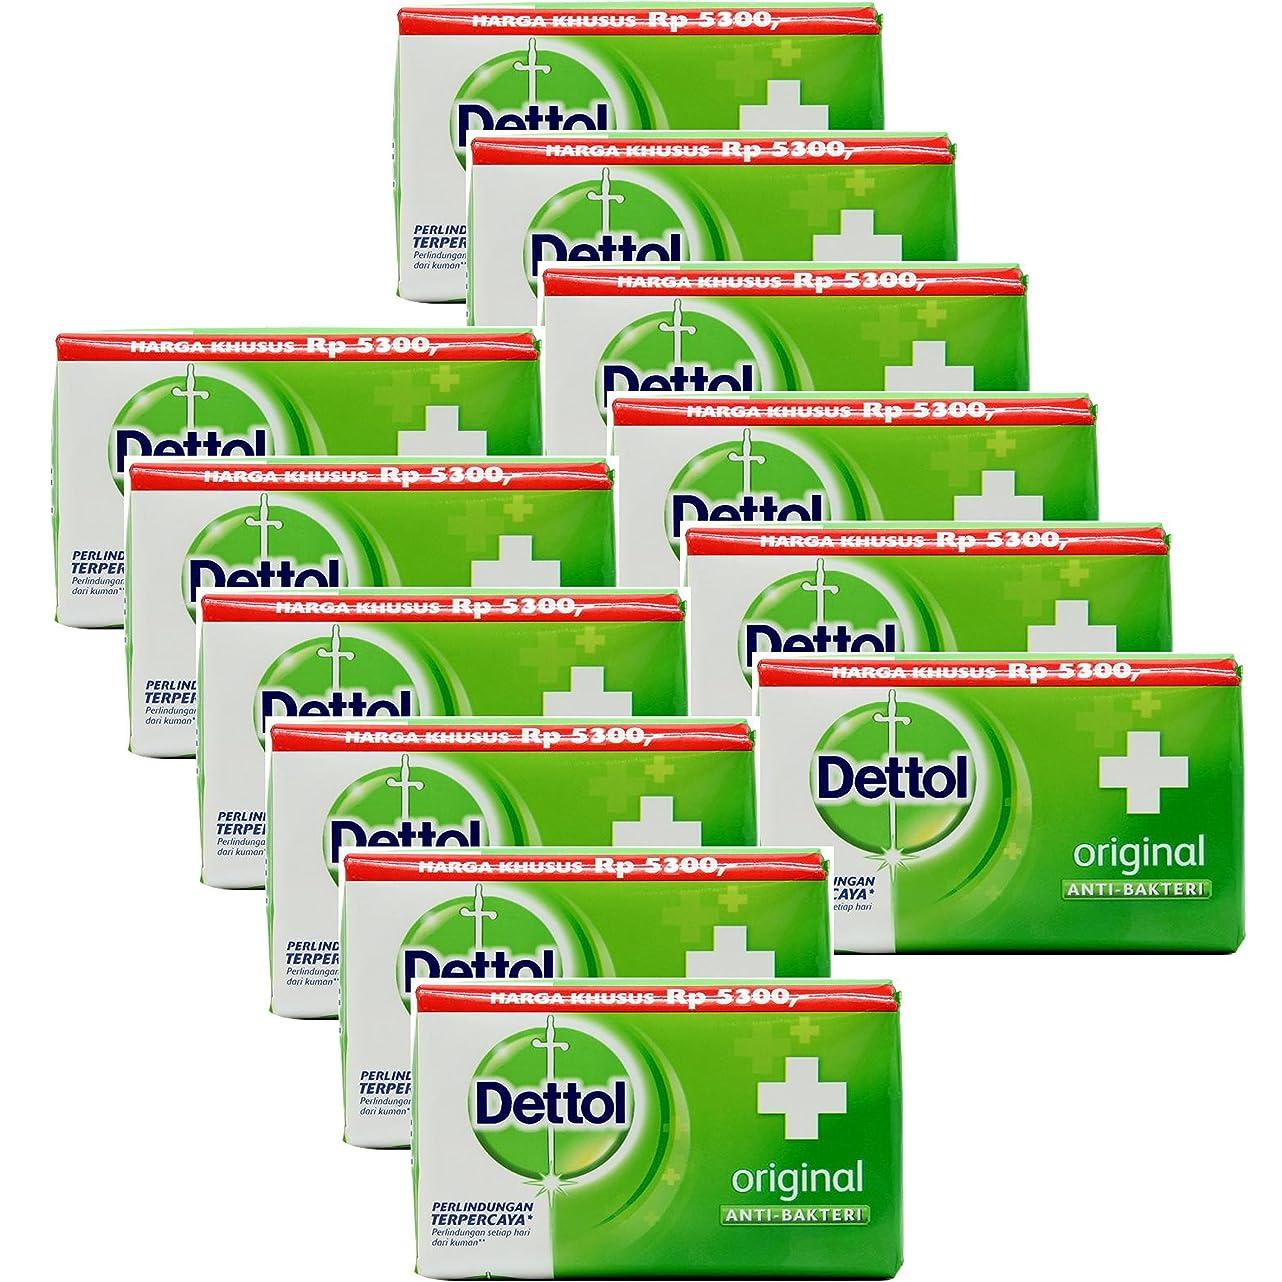 ずるいフォーマル強化Dettol(デトール) Anti-Bacterial Hand and Body Bar Soap, Original, 110 Gr / 3.88 Oz (12個セット)